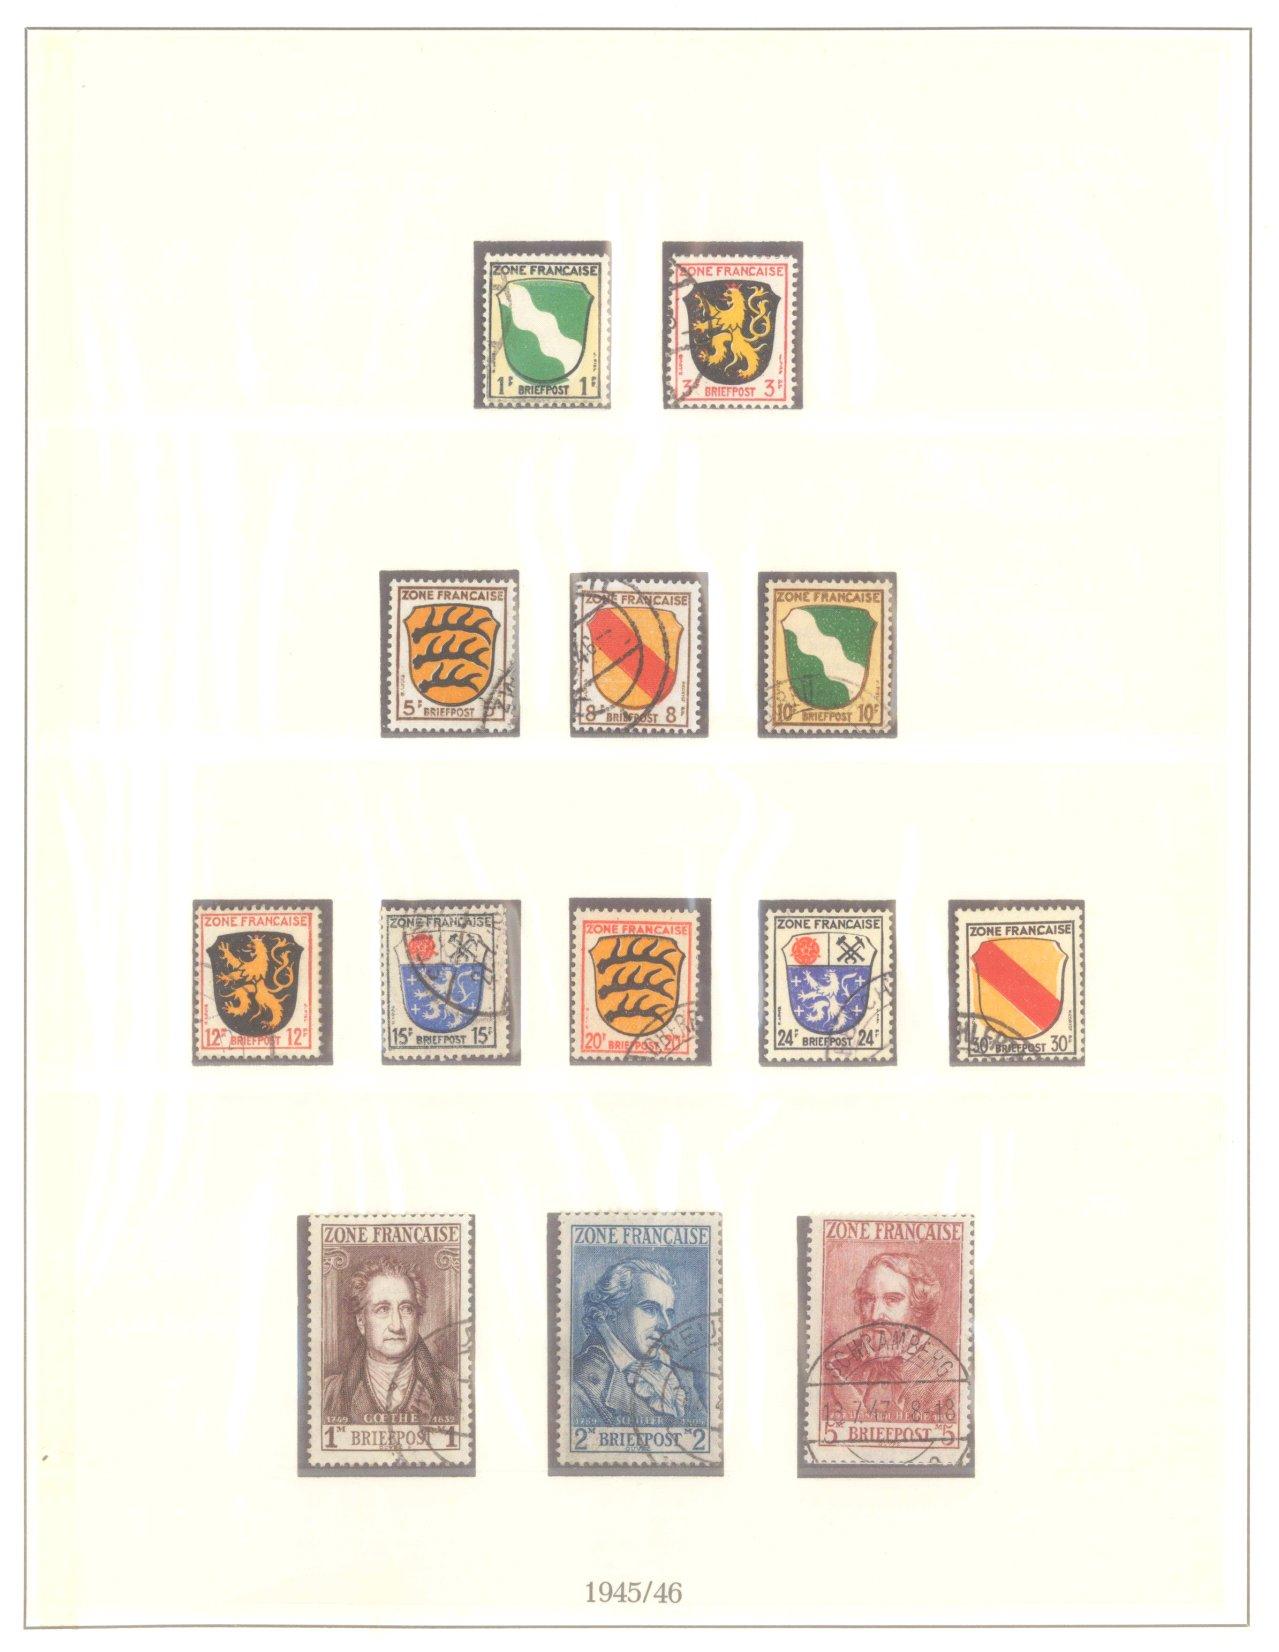 FRANZÖSISCHE ZONE ALLGEMEINE AUSGABE 1945